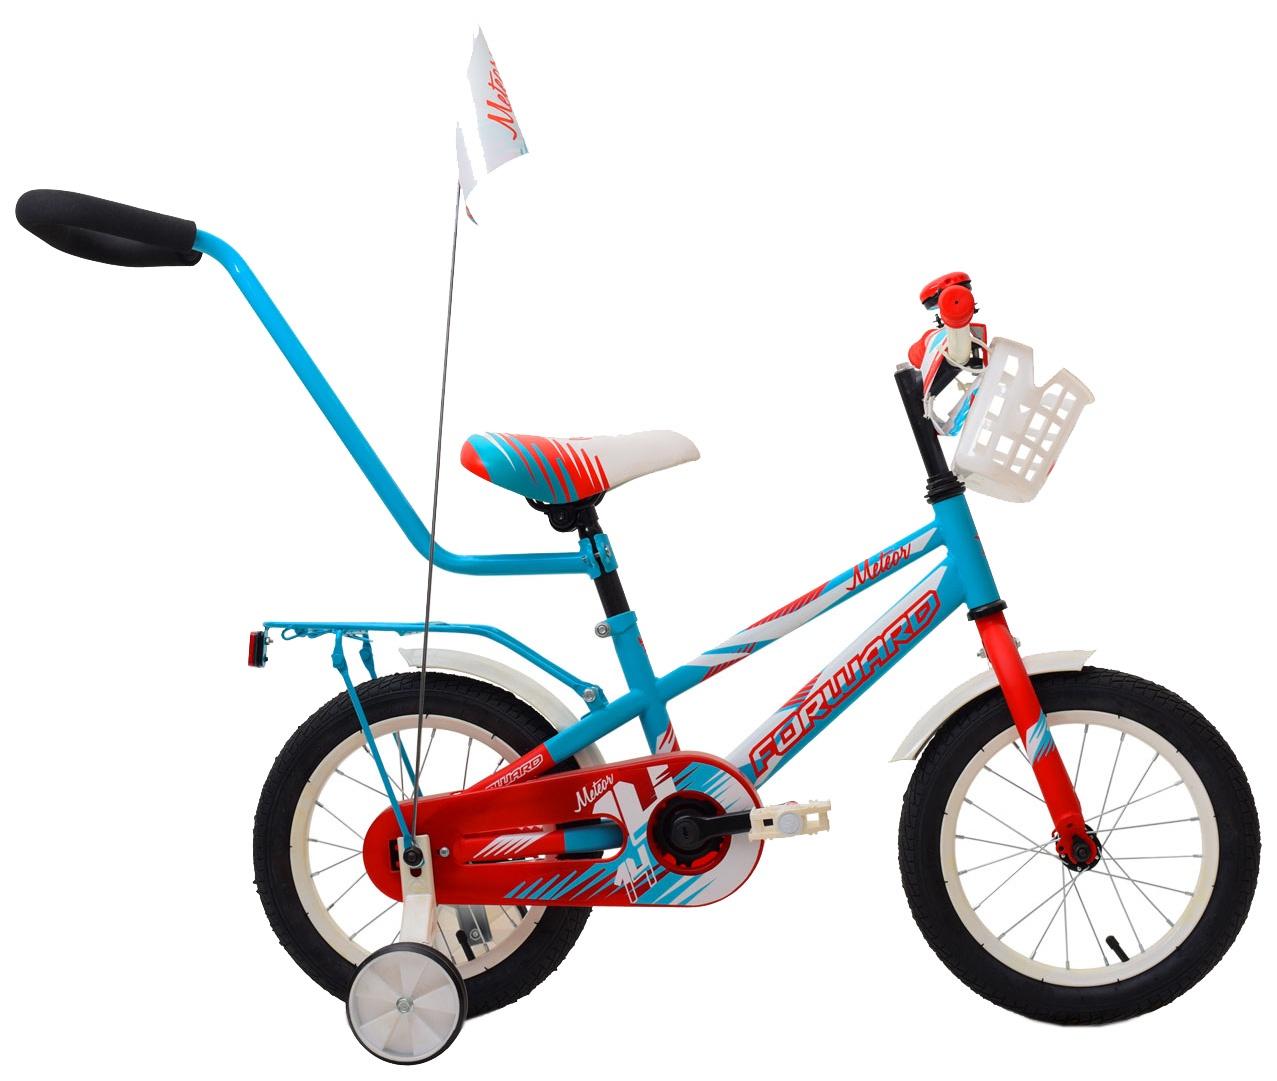 Велосипед Forward METEOR 14, RBKW9LNF1003, бирюзовый, красный